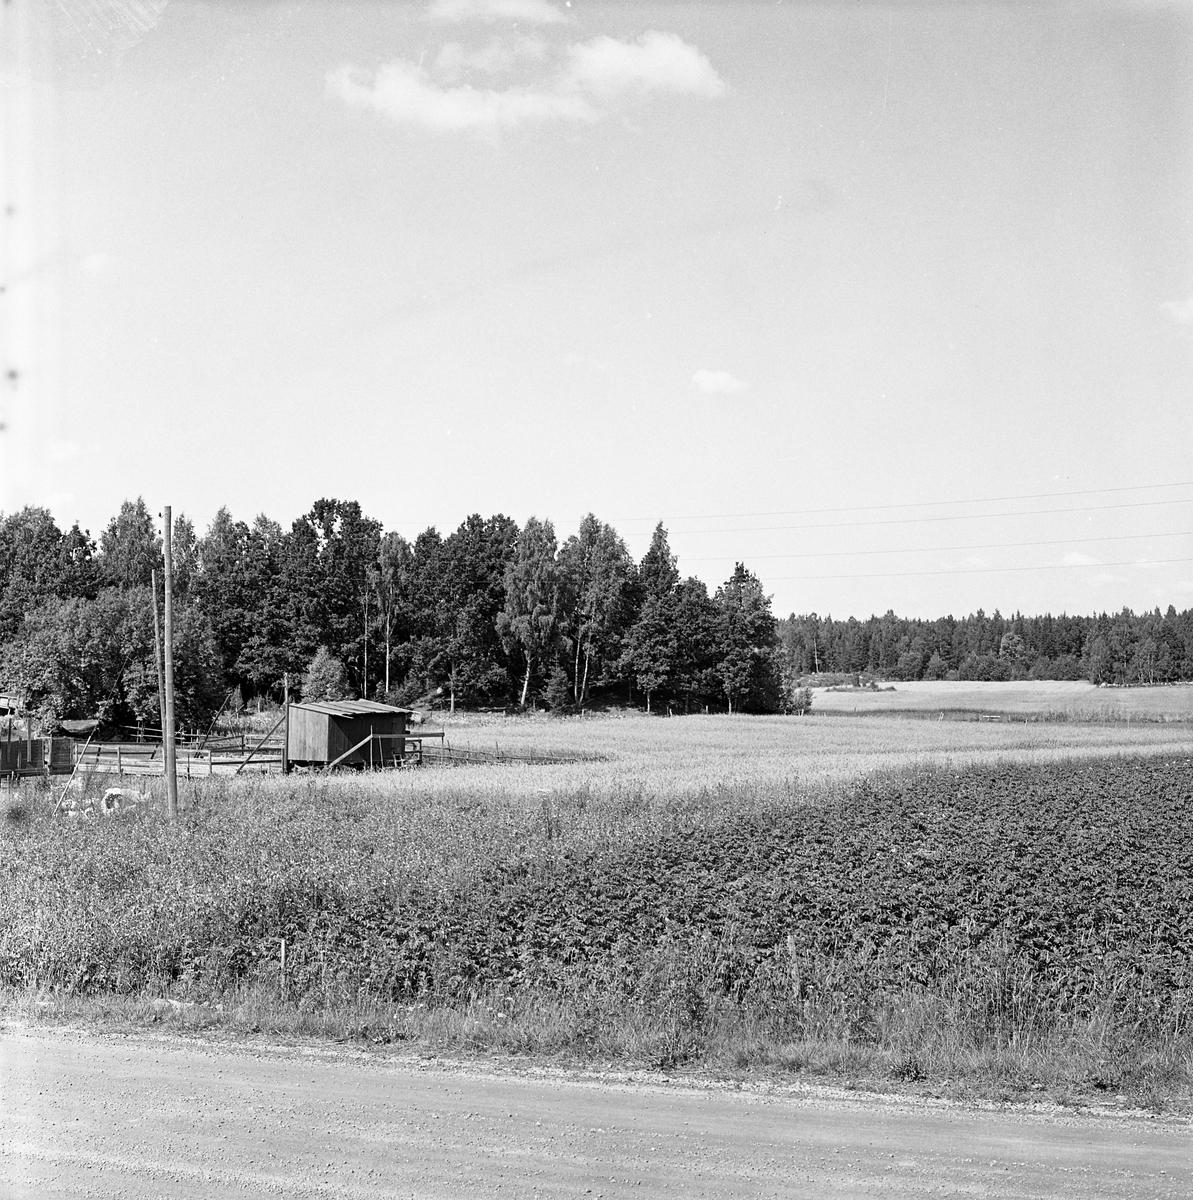 Dansbanan (till vänster i bild) i Algots hage, Tyringe. Plats för Säterbo skjutbana? När dansbanan var uttjänt, användes platsen (strax intill dansbanan, närmare stora vägkorsningen) som Säterbo skjutbana.